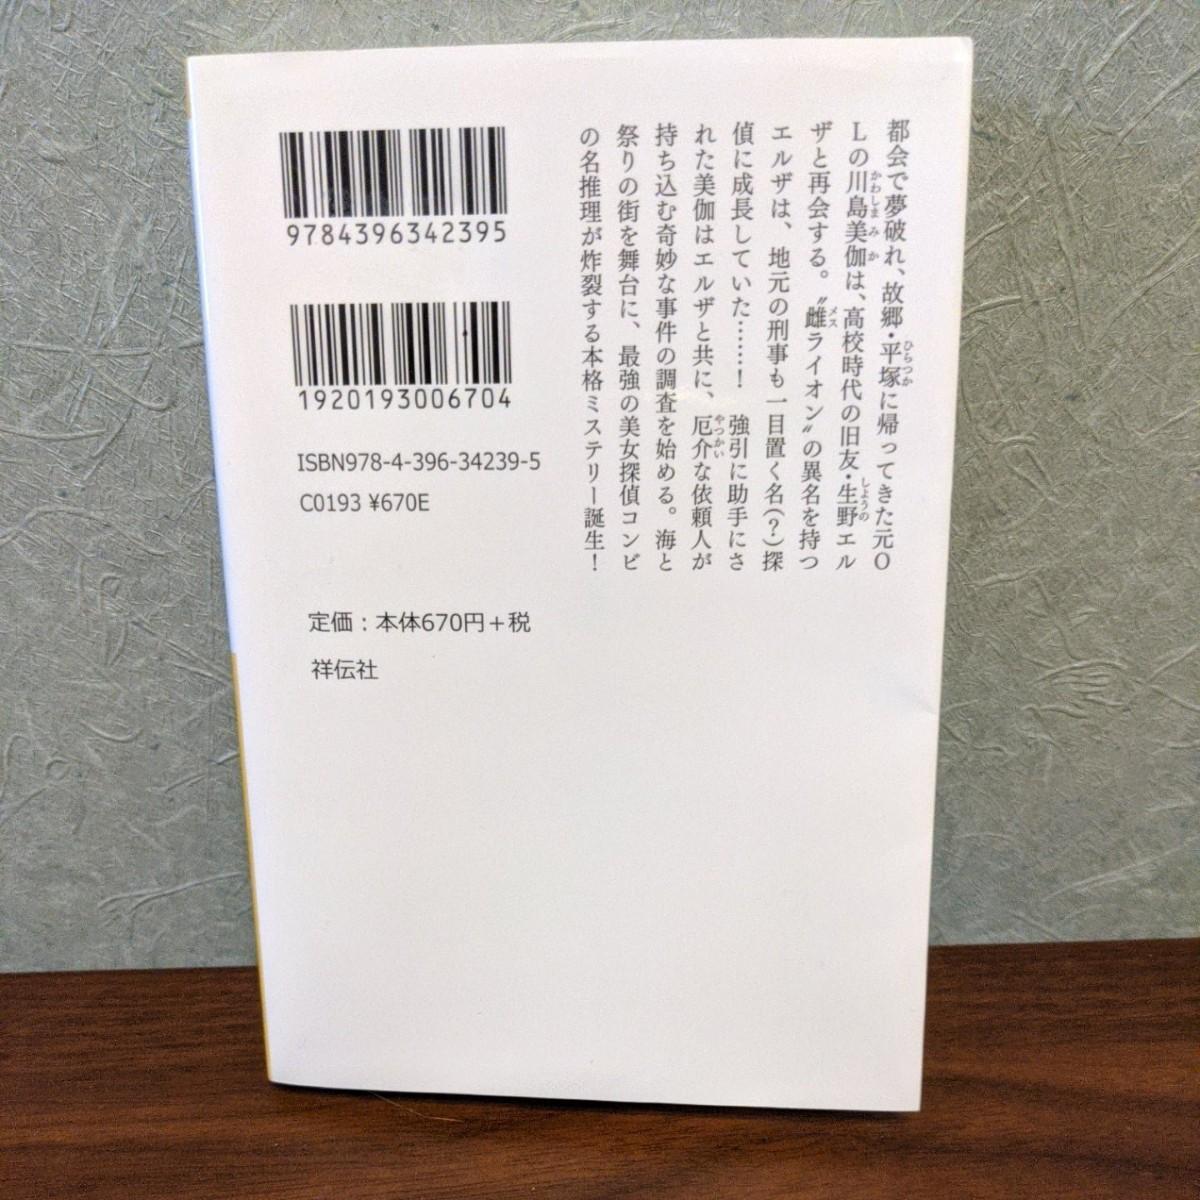 東川篤哉「ライオンの棲む街 平塚おんな探偵の事件簿1」 (文庫) 中古